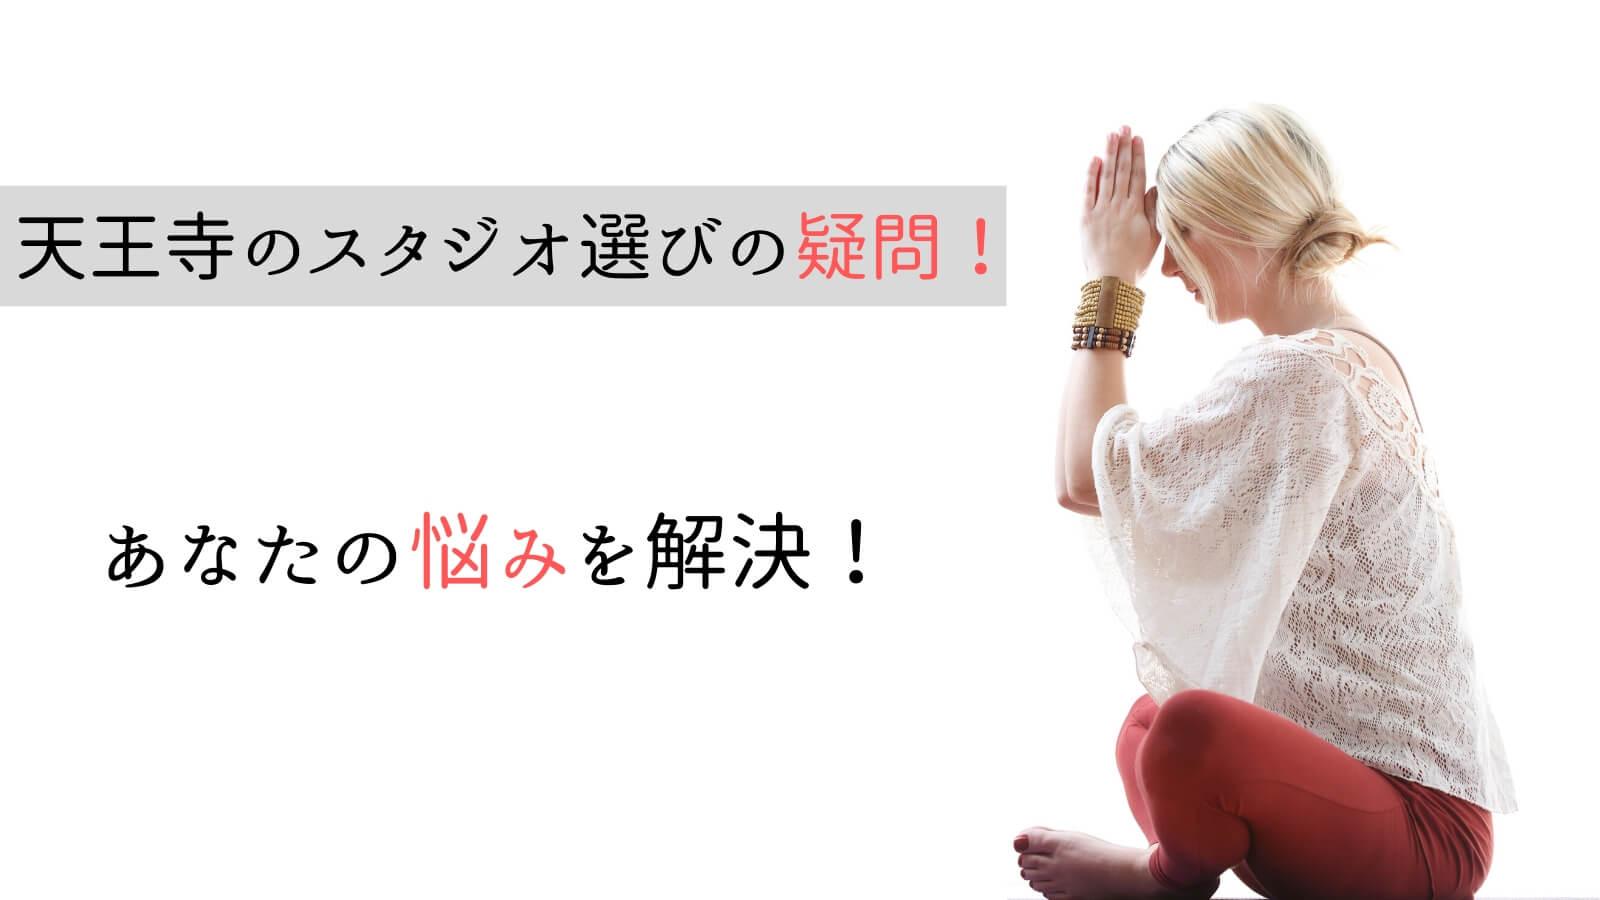 天王寺でのヨガ・ピラティススタジオ選びに関するQ&A